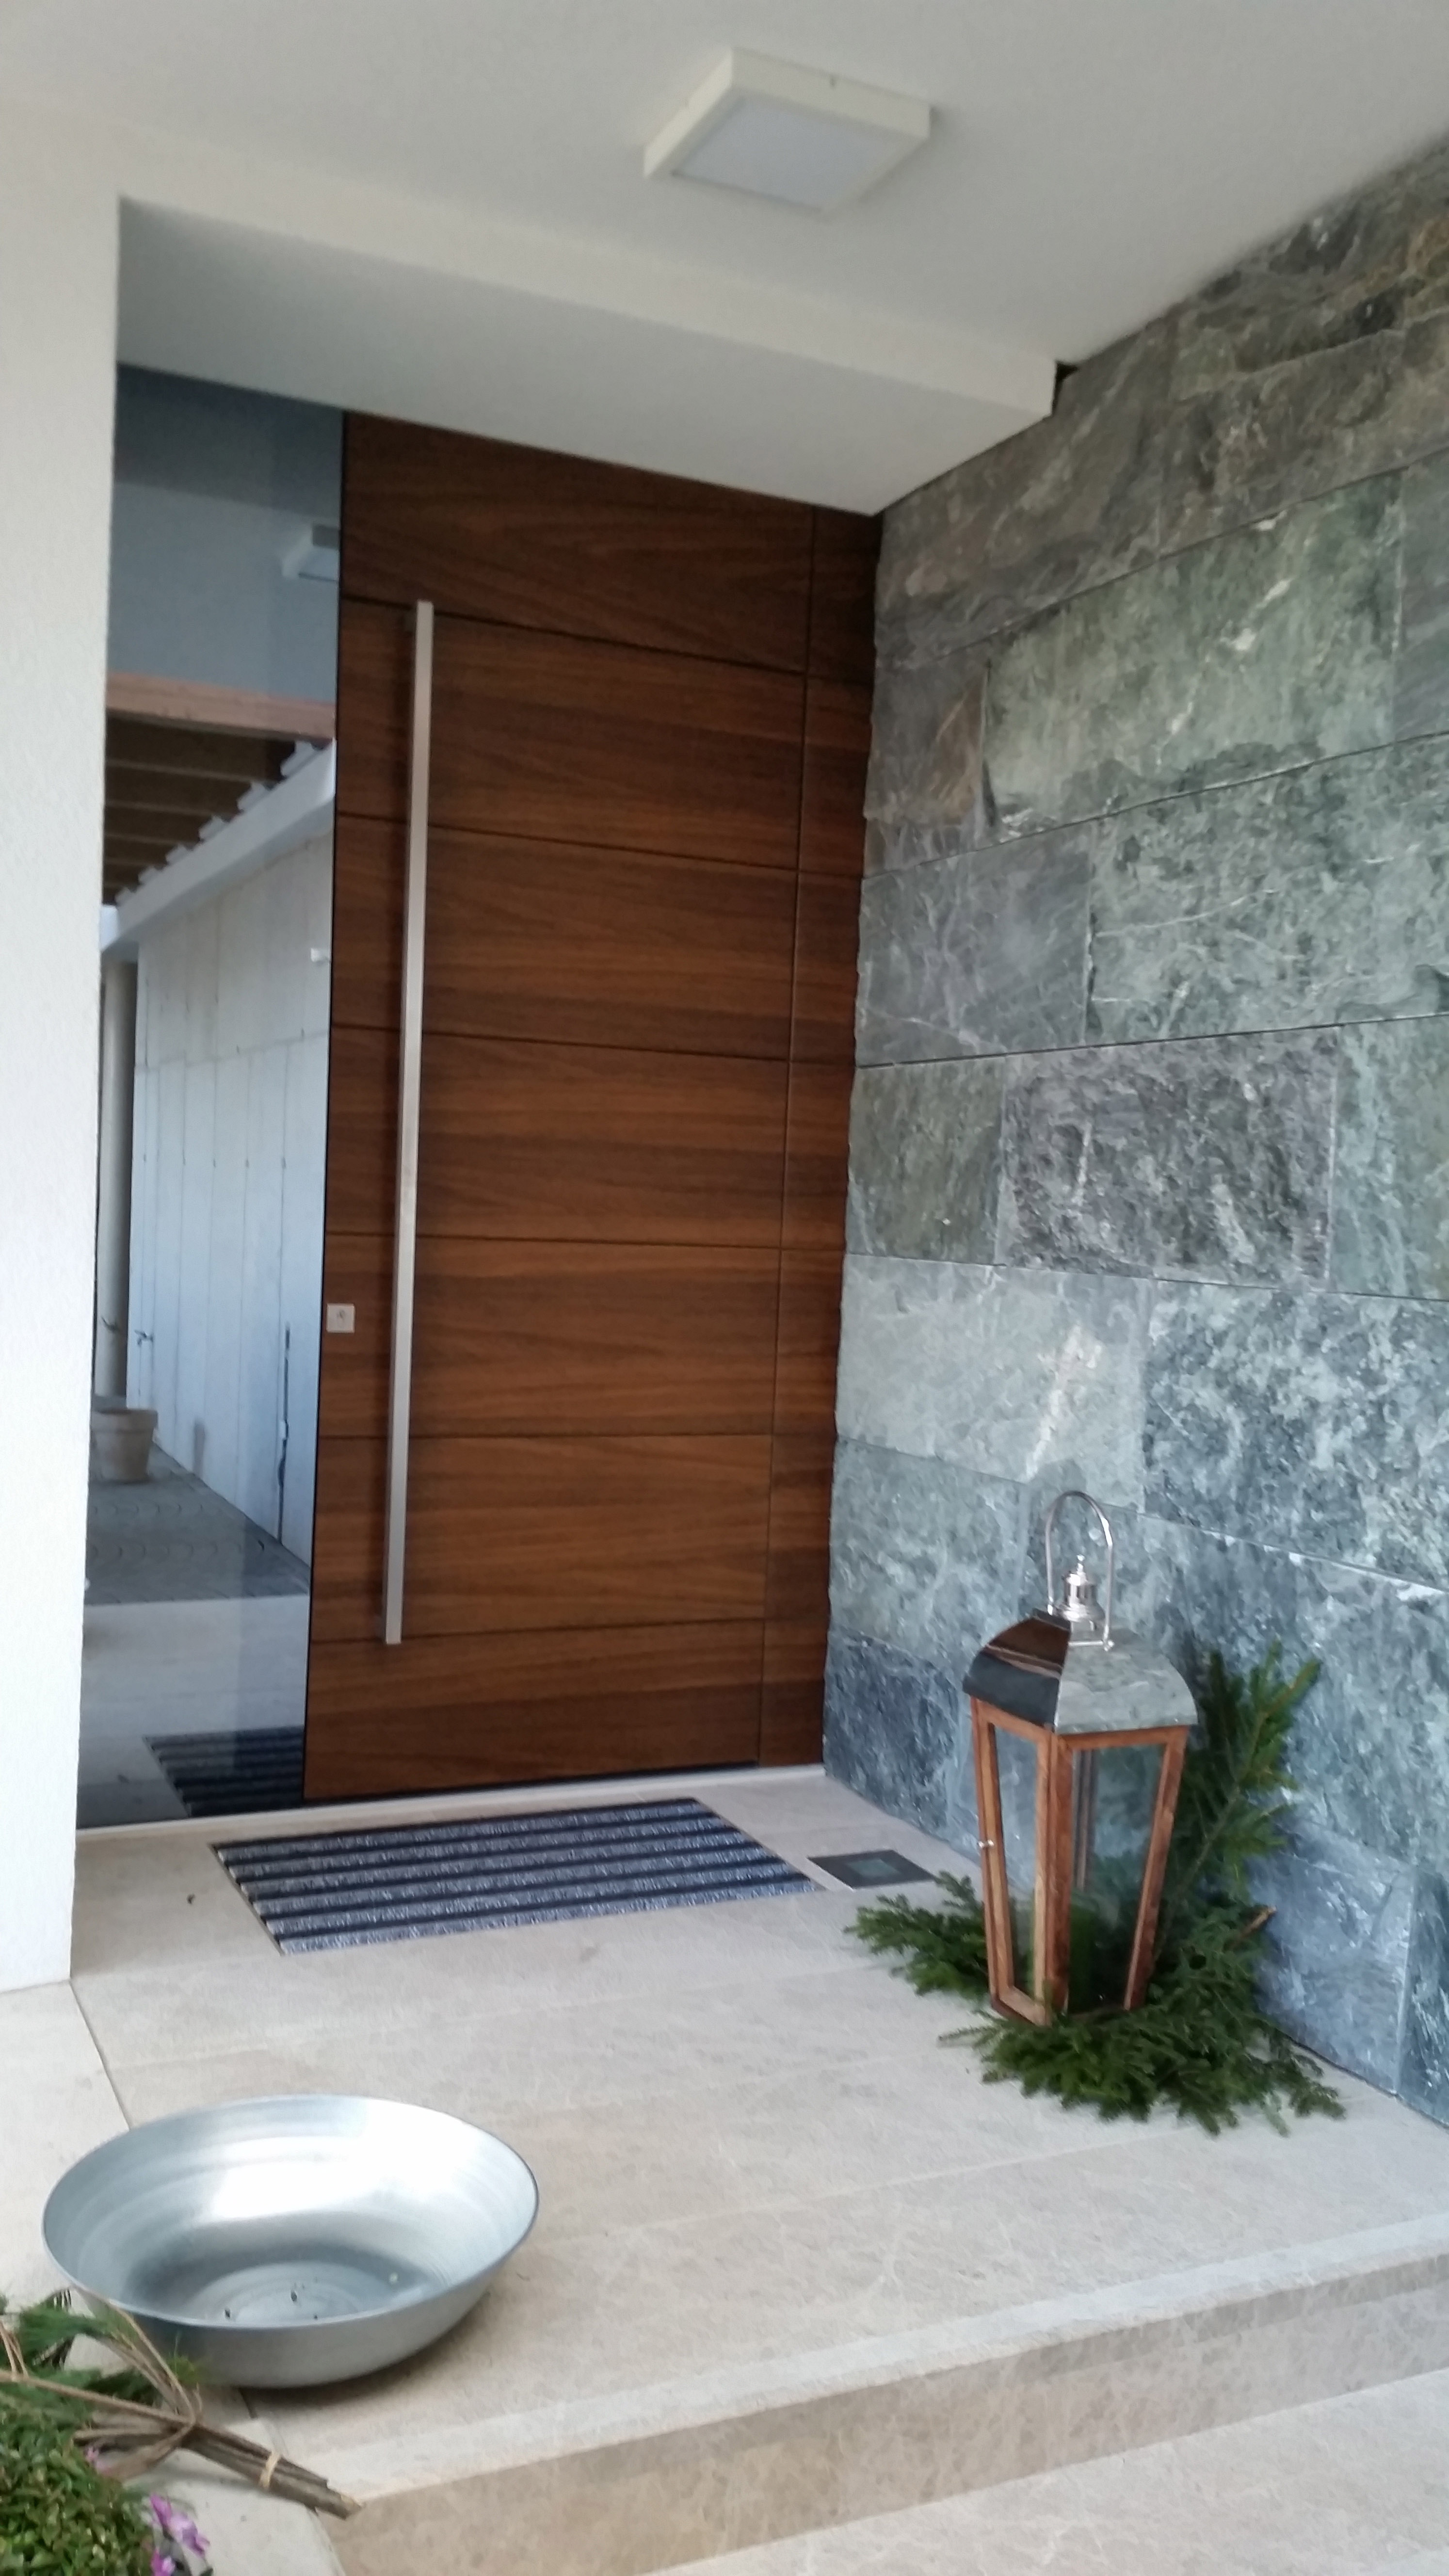 bildergalerien archiv glaserei klagenfurt. Black Bedroom Furniture Sets. Home Design Ideas